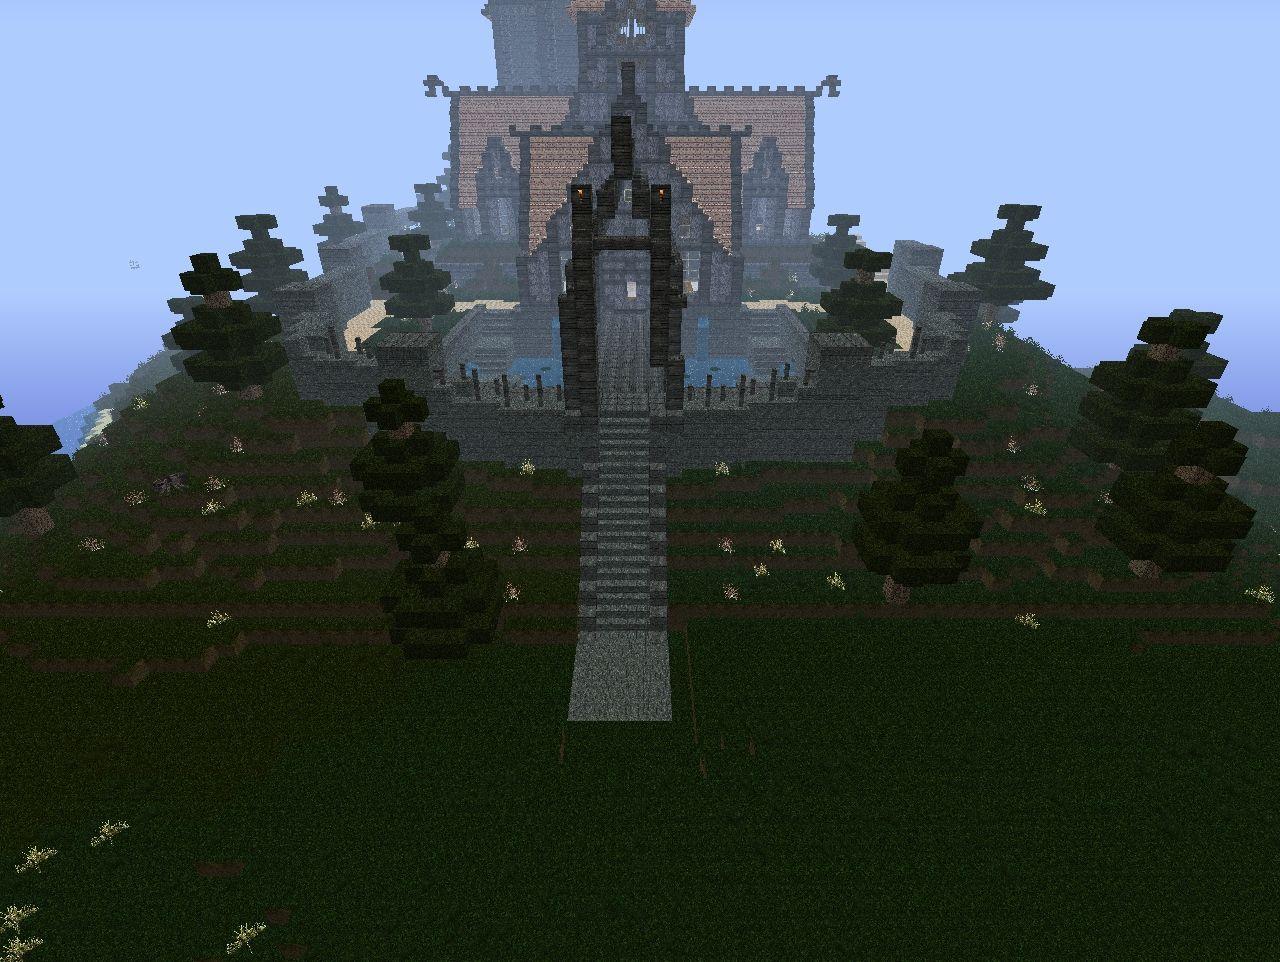 http://minecraft-forum.net/wp-content/uploads/2013/07/6ceec__Skyrimcraft-texture-pack-1.jpg